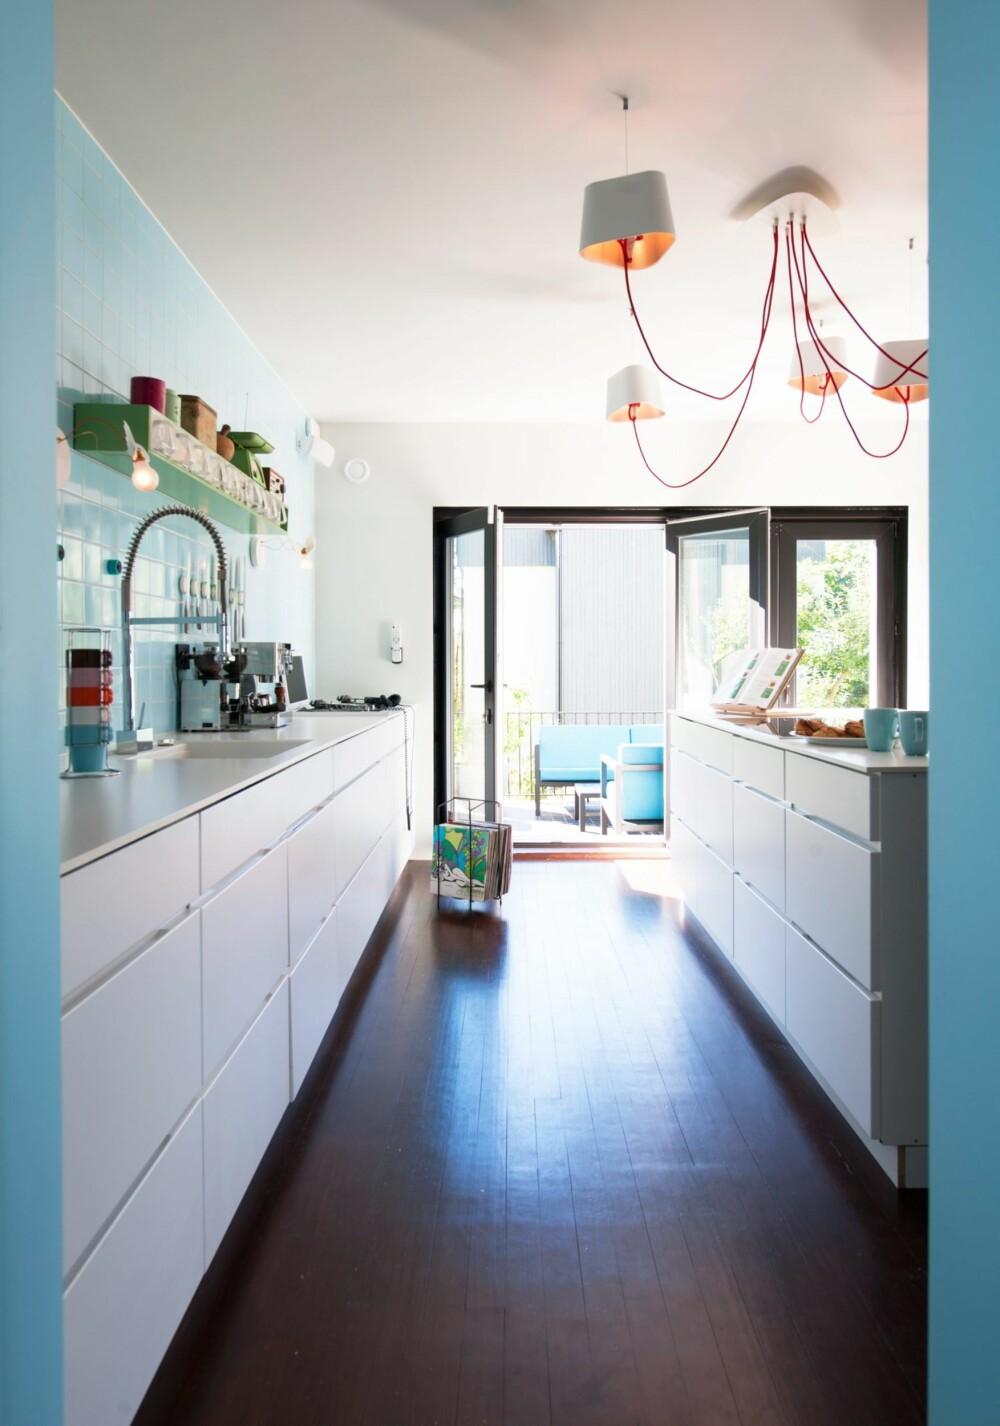 ÅPNET MOT UTEPLASSEN:  I enden av kjøkkenet er vinduene mot terrassen skifet ut med foldedører slik at man har god kontakt med miljøet utenfor. Kjøkkeninnredningen er fra Kvik, taklampen fra Designheure.